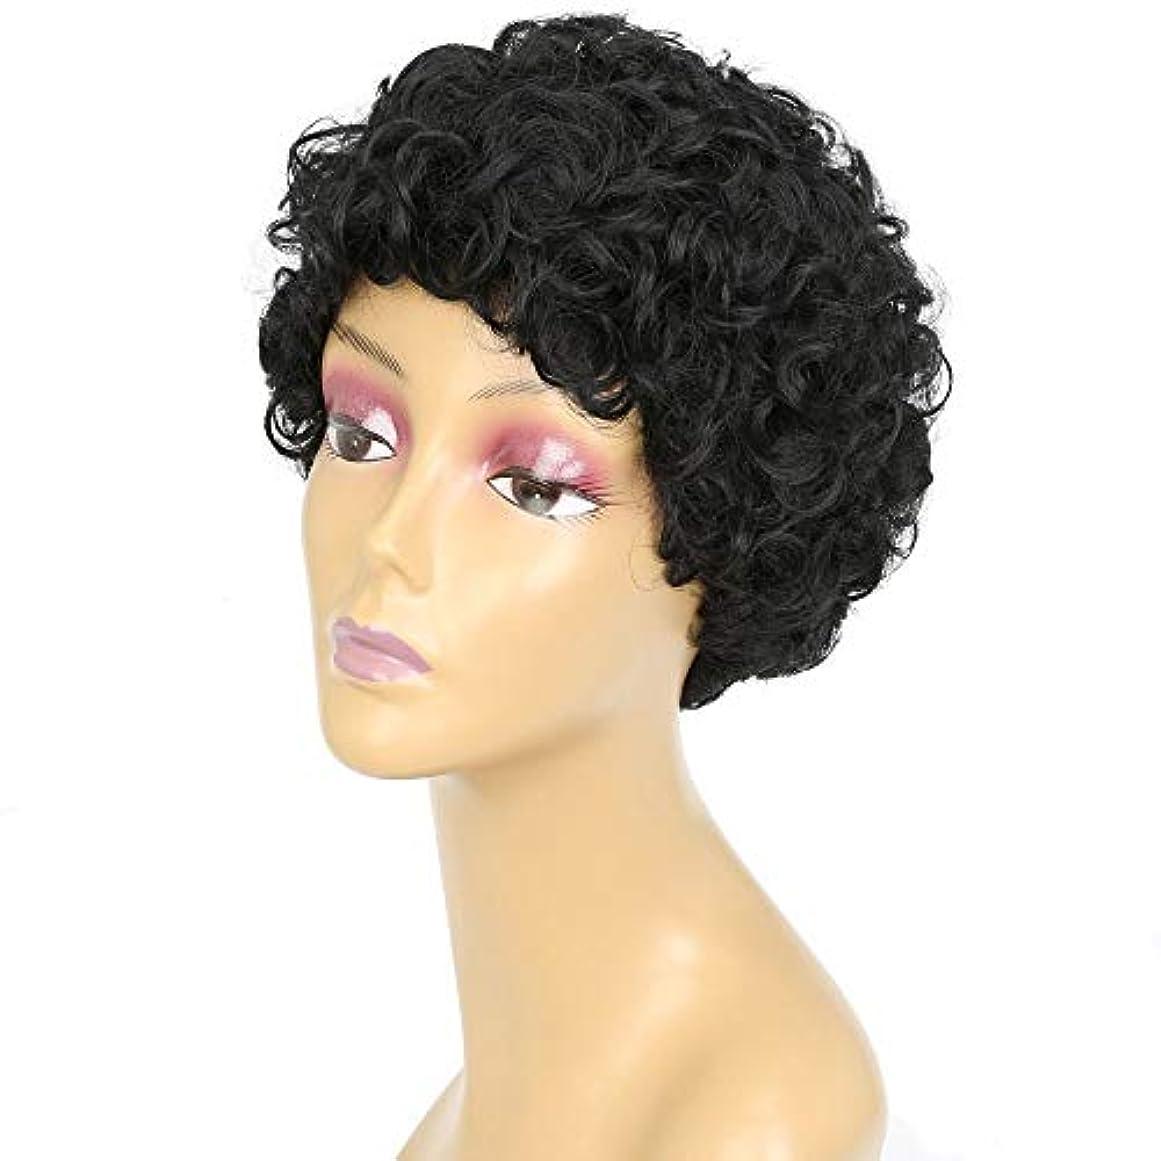 皮肉な墓パテWASAIO 女性の黒の巻き毛ウィッグ爆発的な縮れたスタイルスタイルの交換用アクセサリー自然な絶妙なローズネットカバー(ブラック) (色 : 黒)